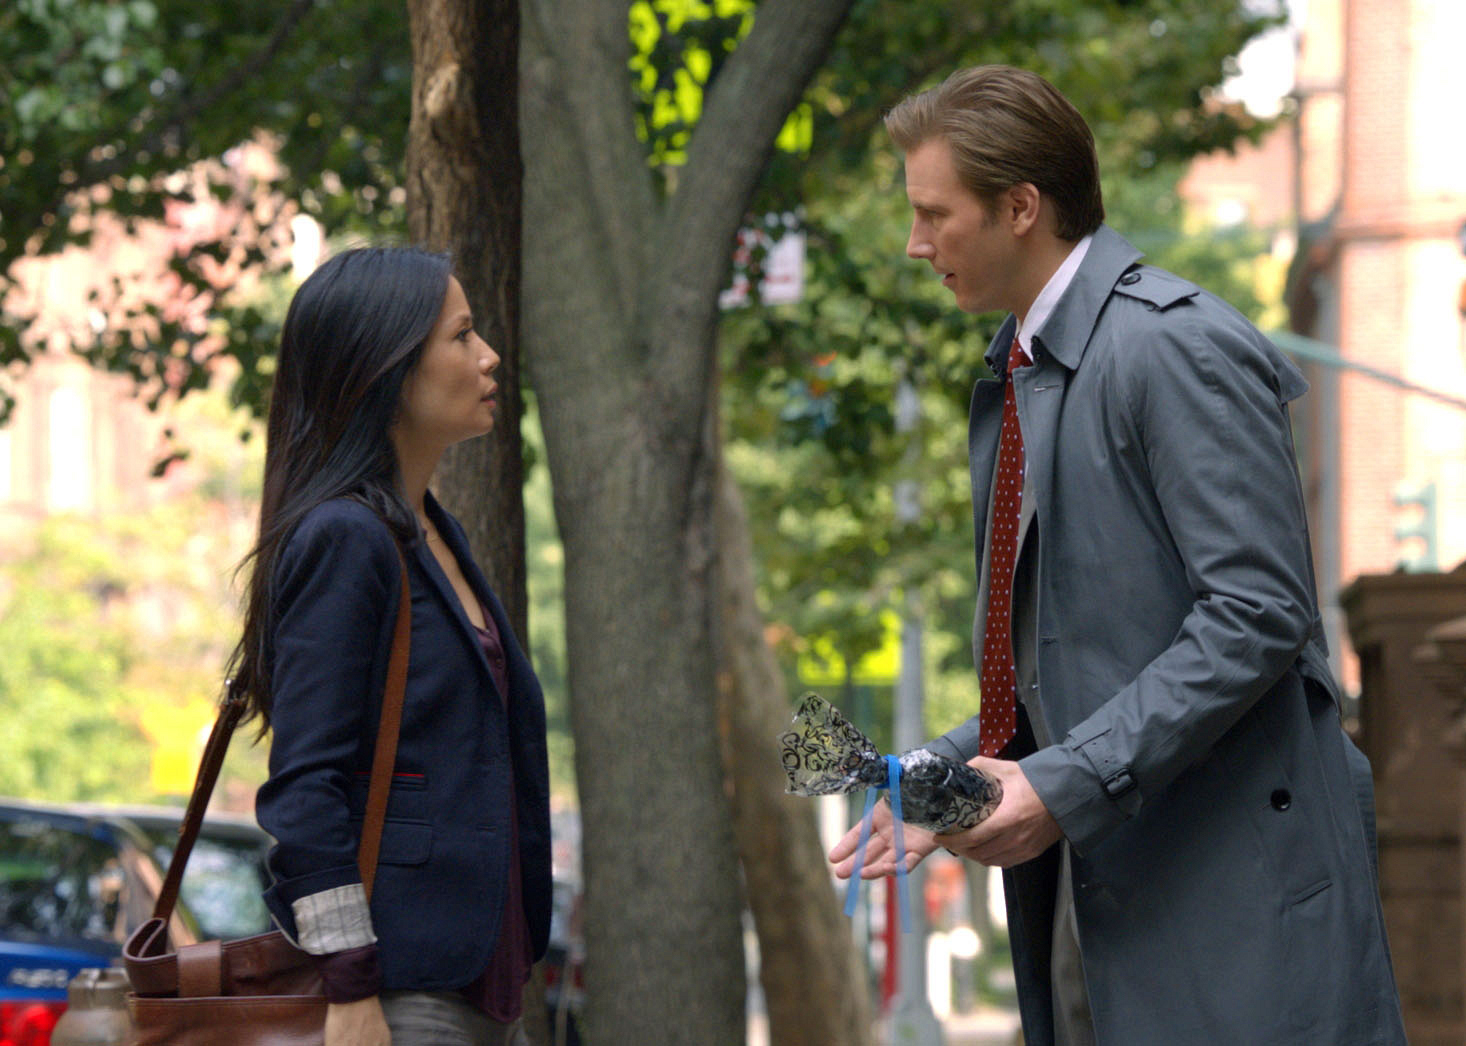 Watson with her Ex-Boyfriend